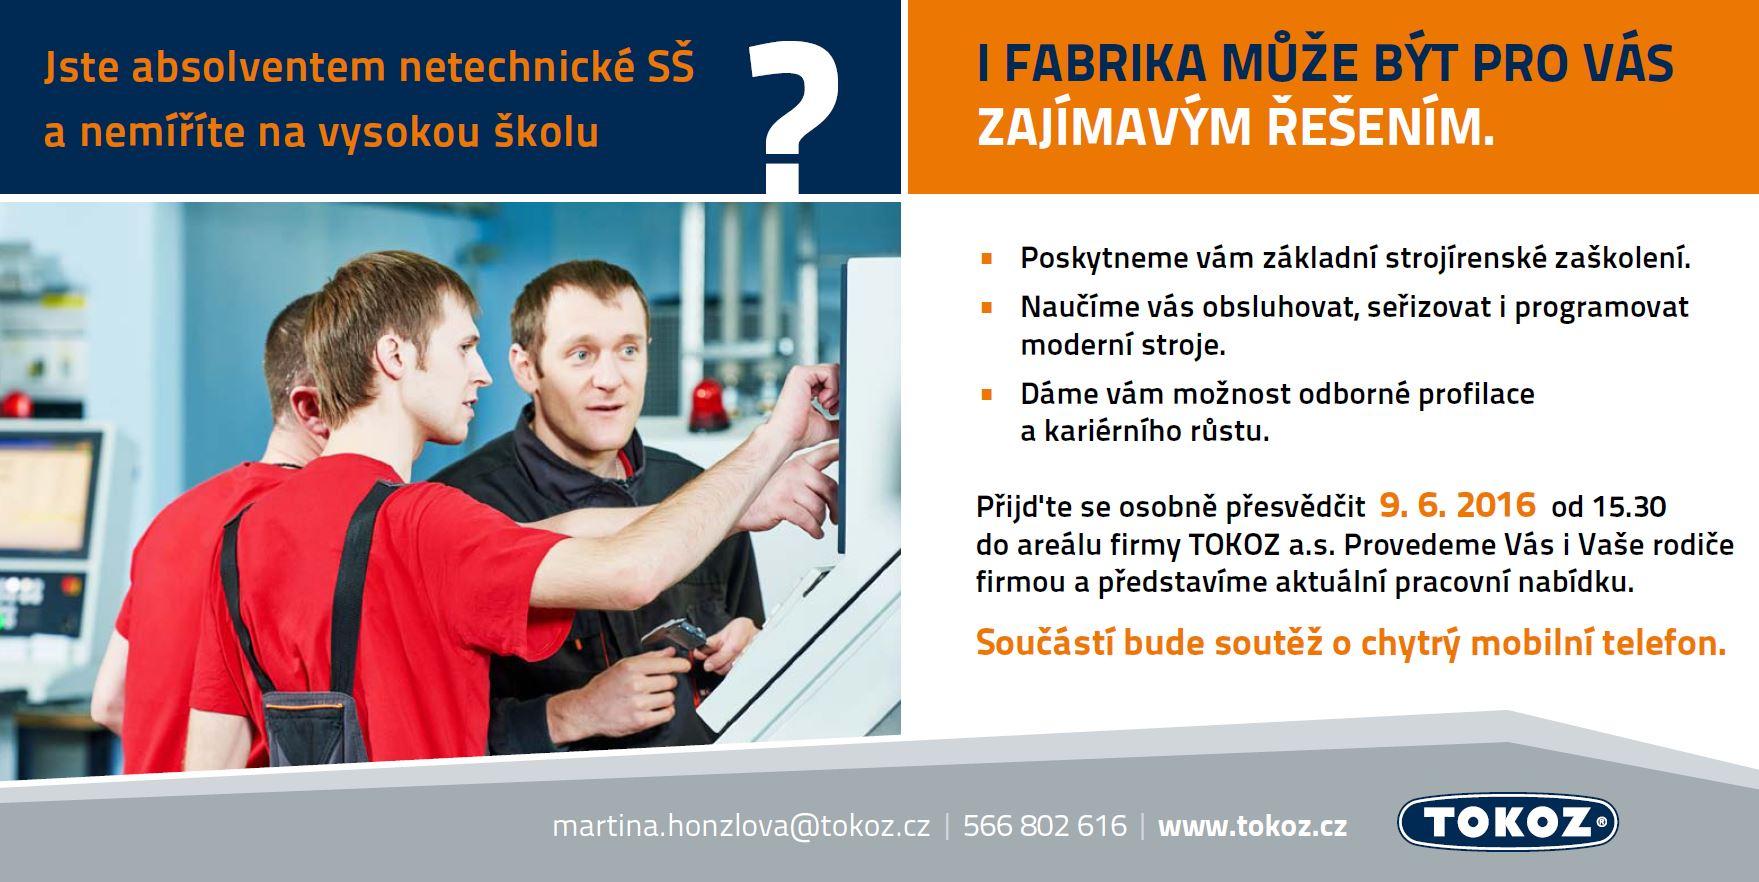 Tokoz a.s. - volná pracovní místa